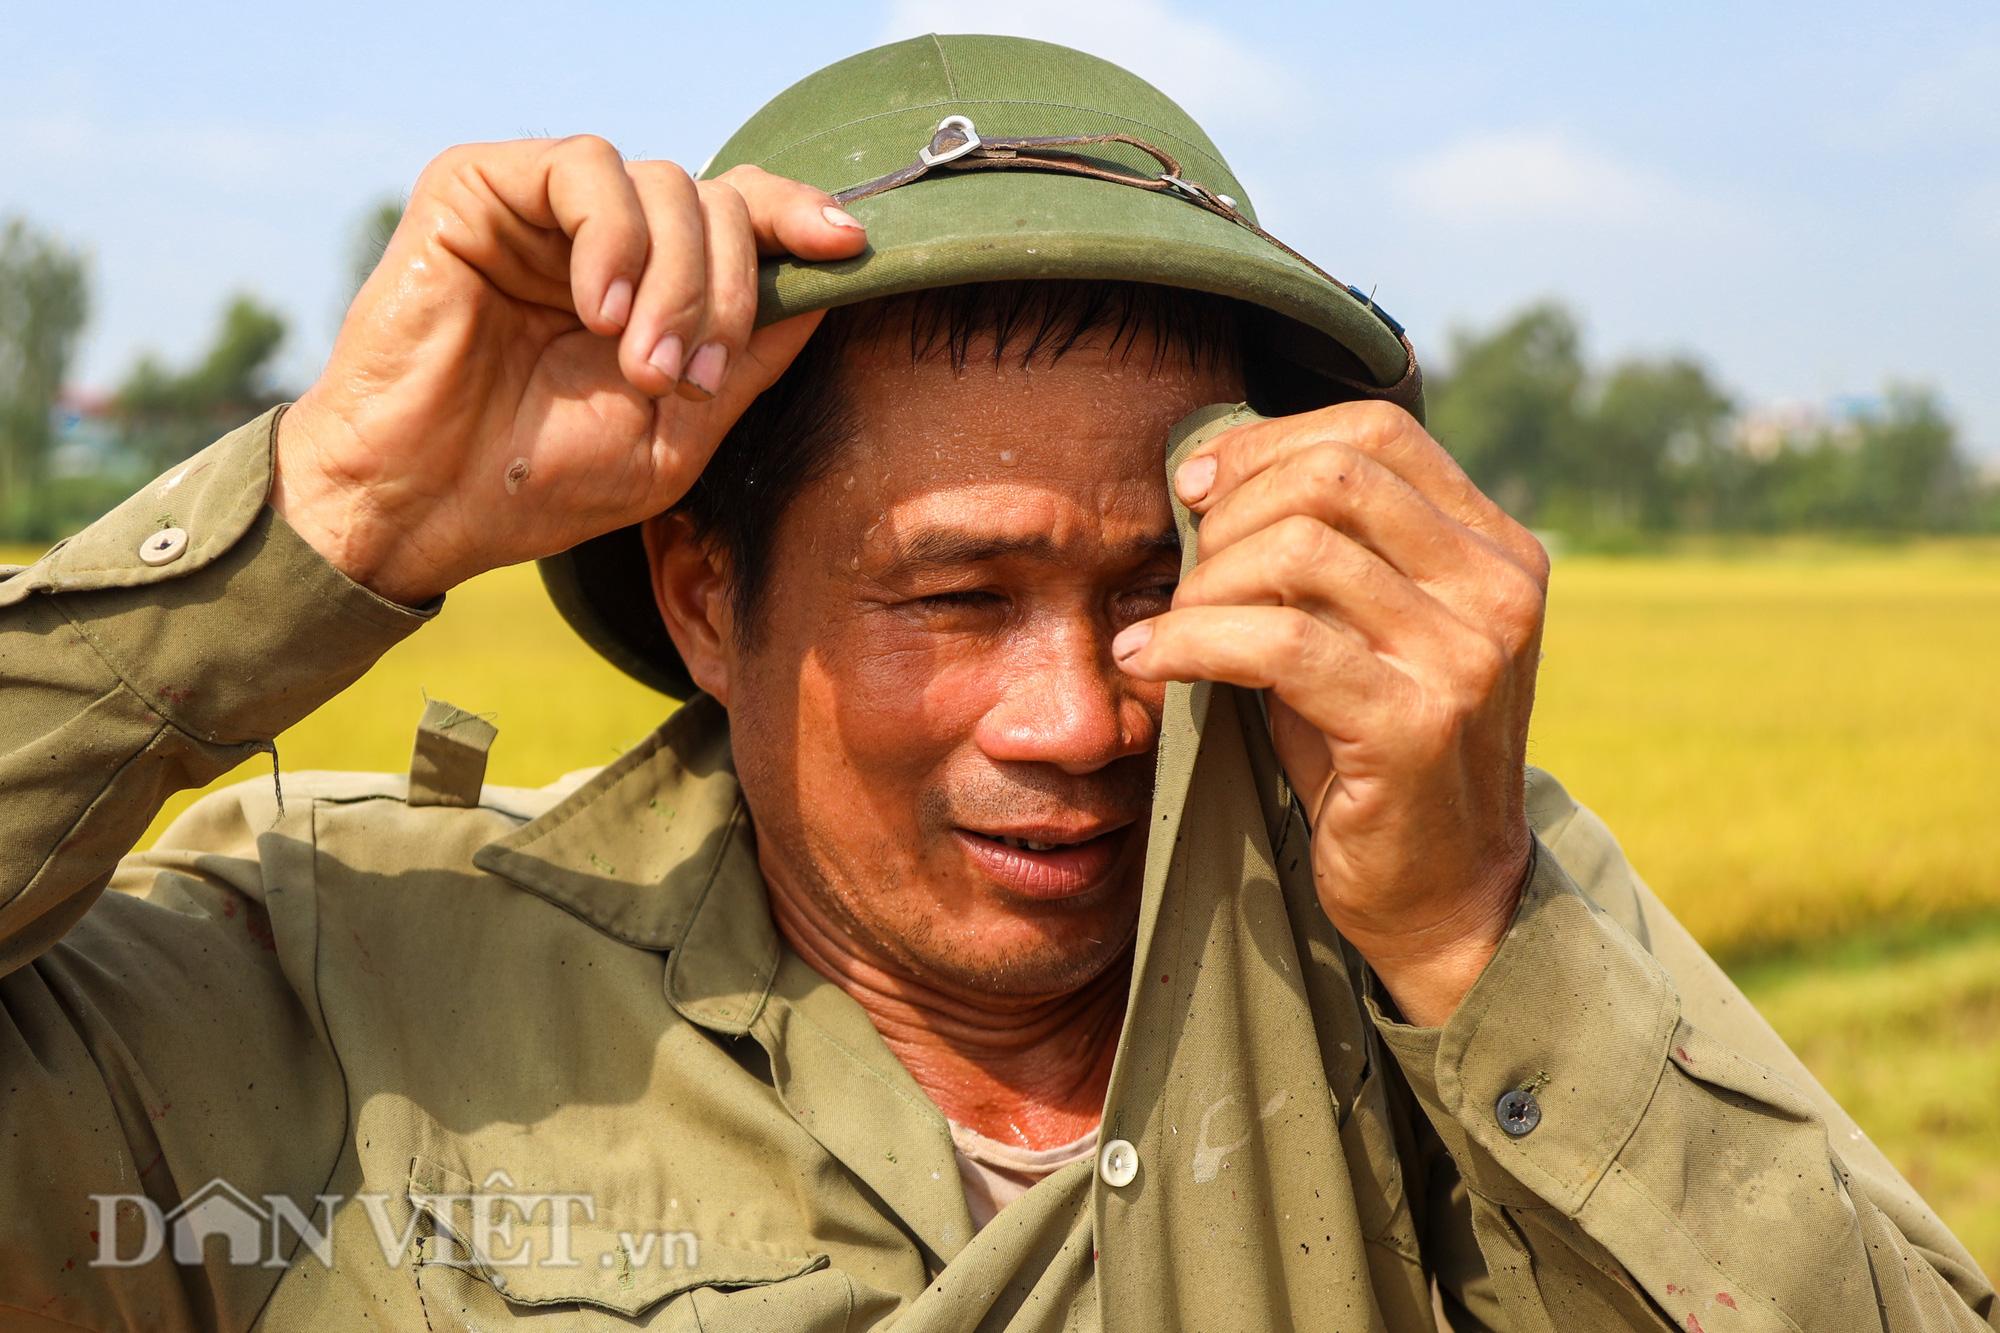 Nông dân Hà Nội đội nắng đón vụ mùa bội thu - Ảnh 9.